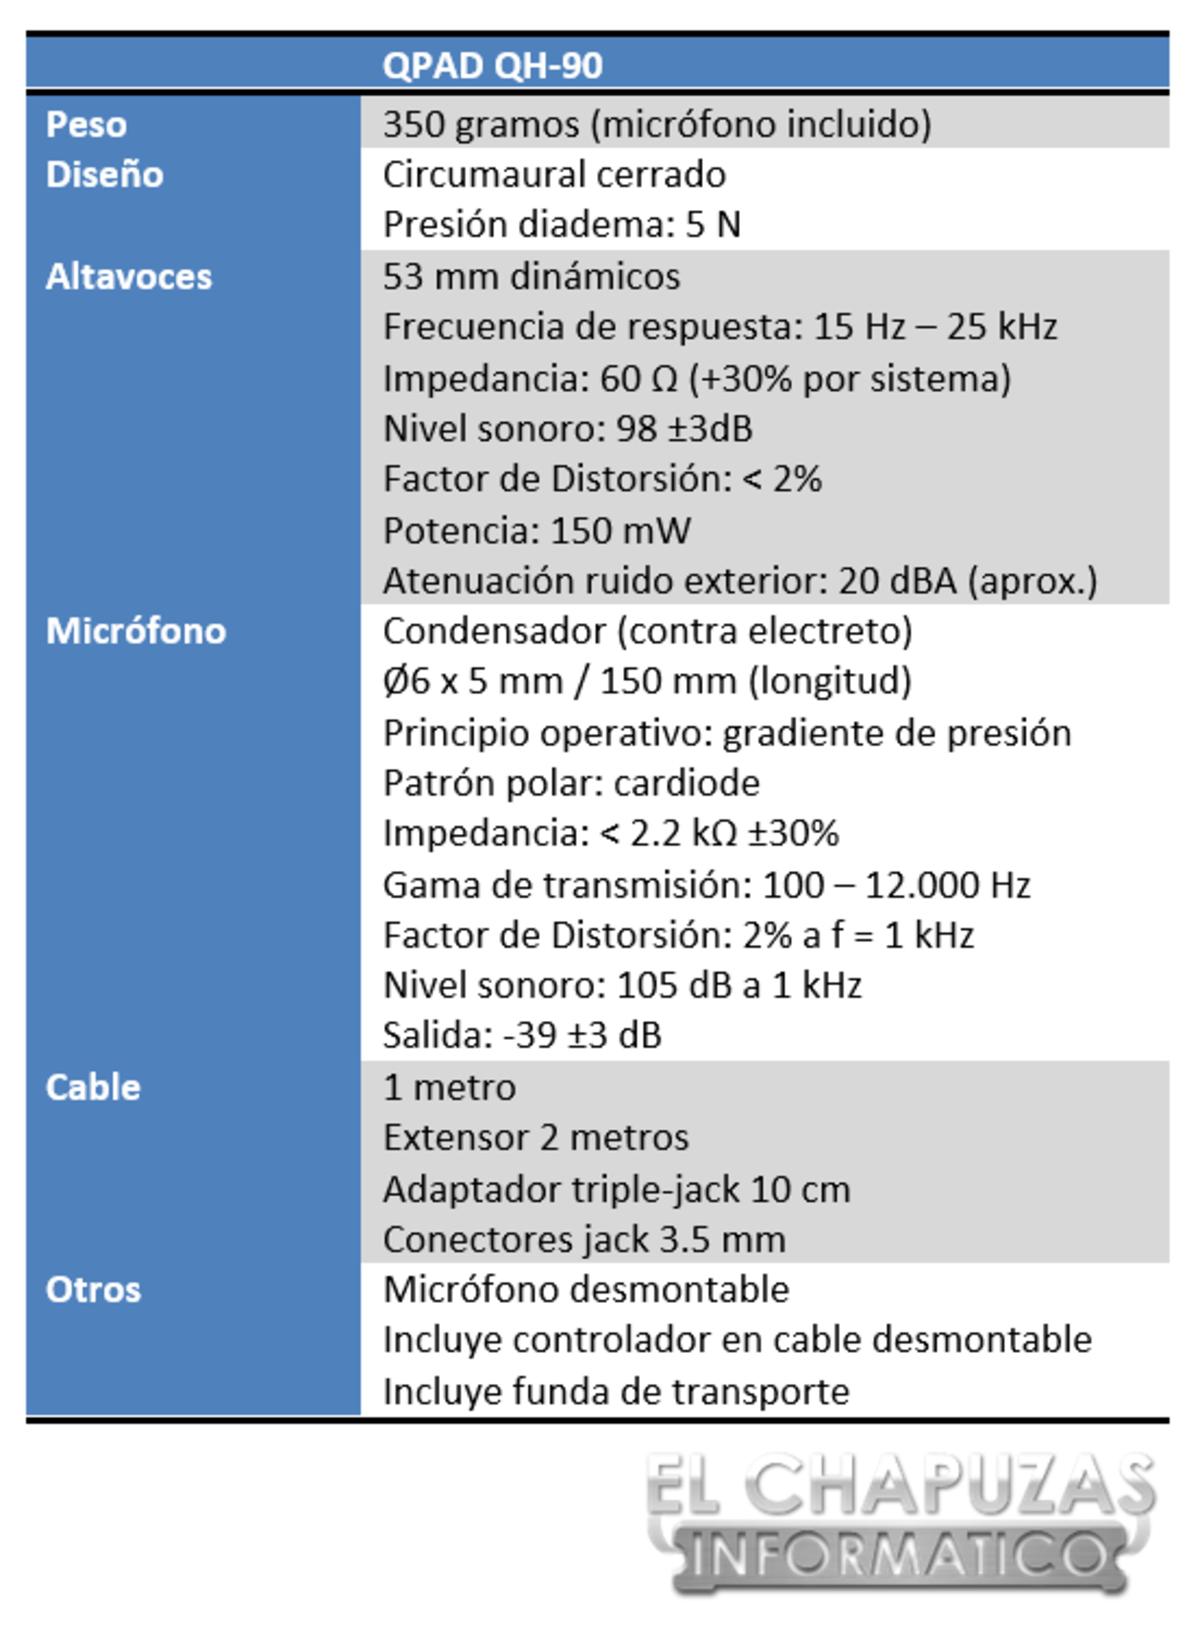 QPAD QH 90 Especificaciones 2